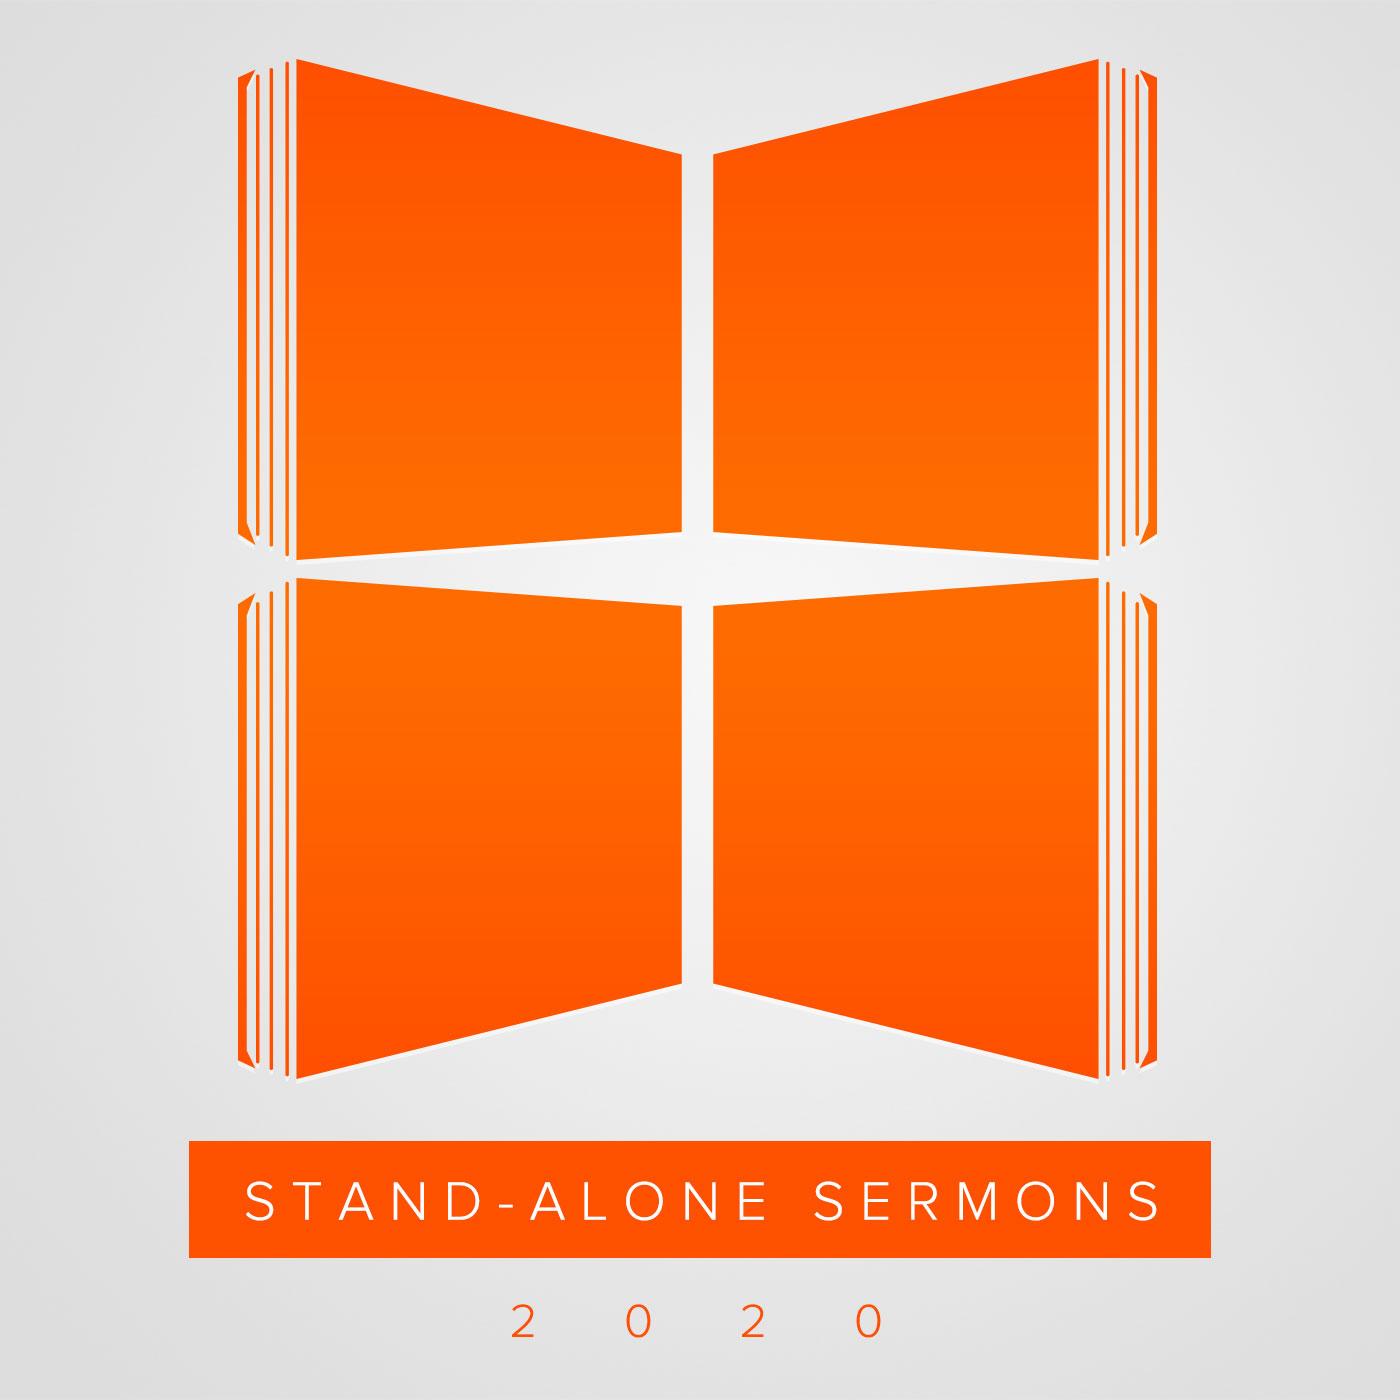 Stand-Alone Sermons (2020)